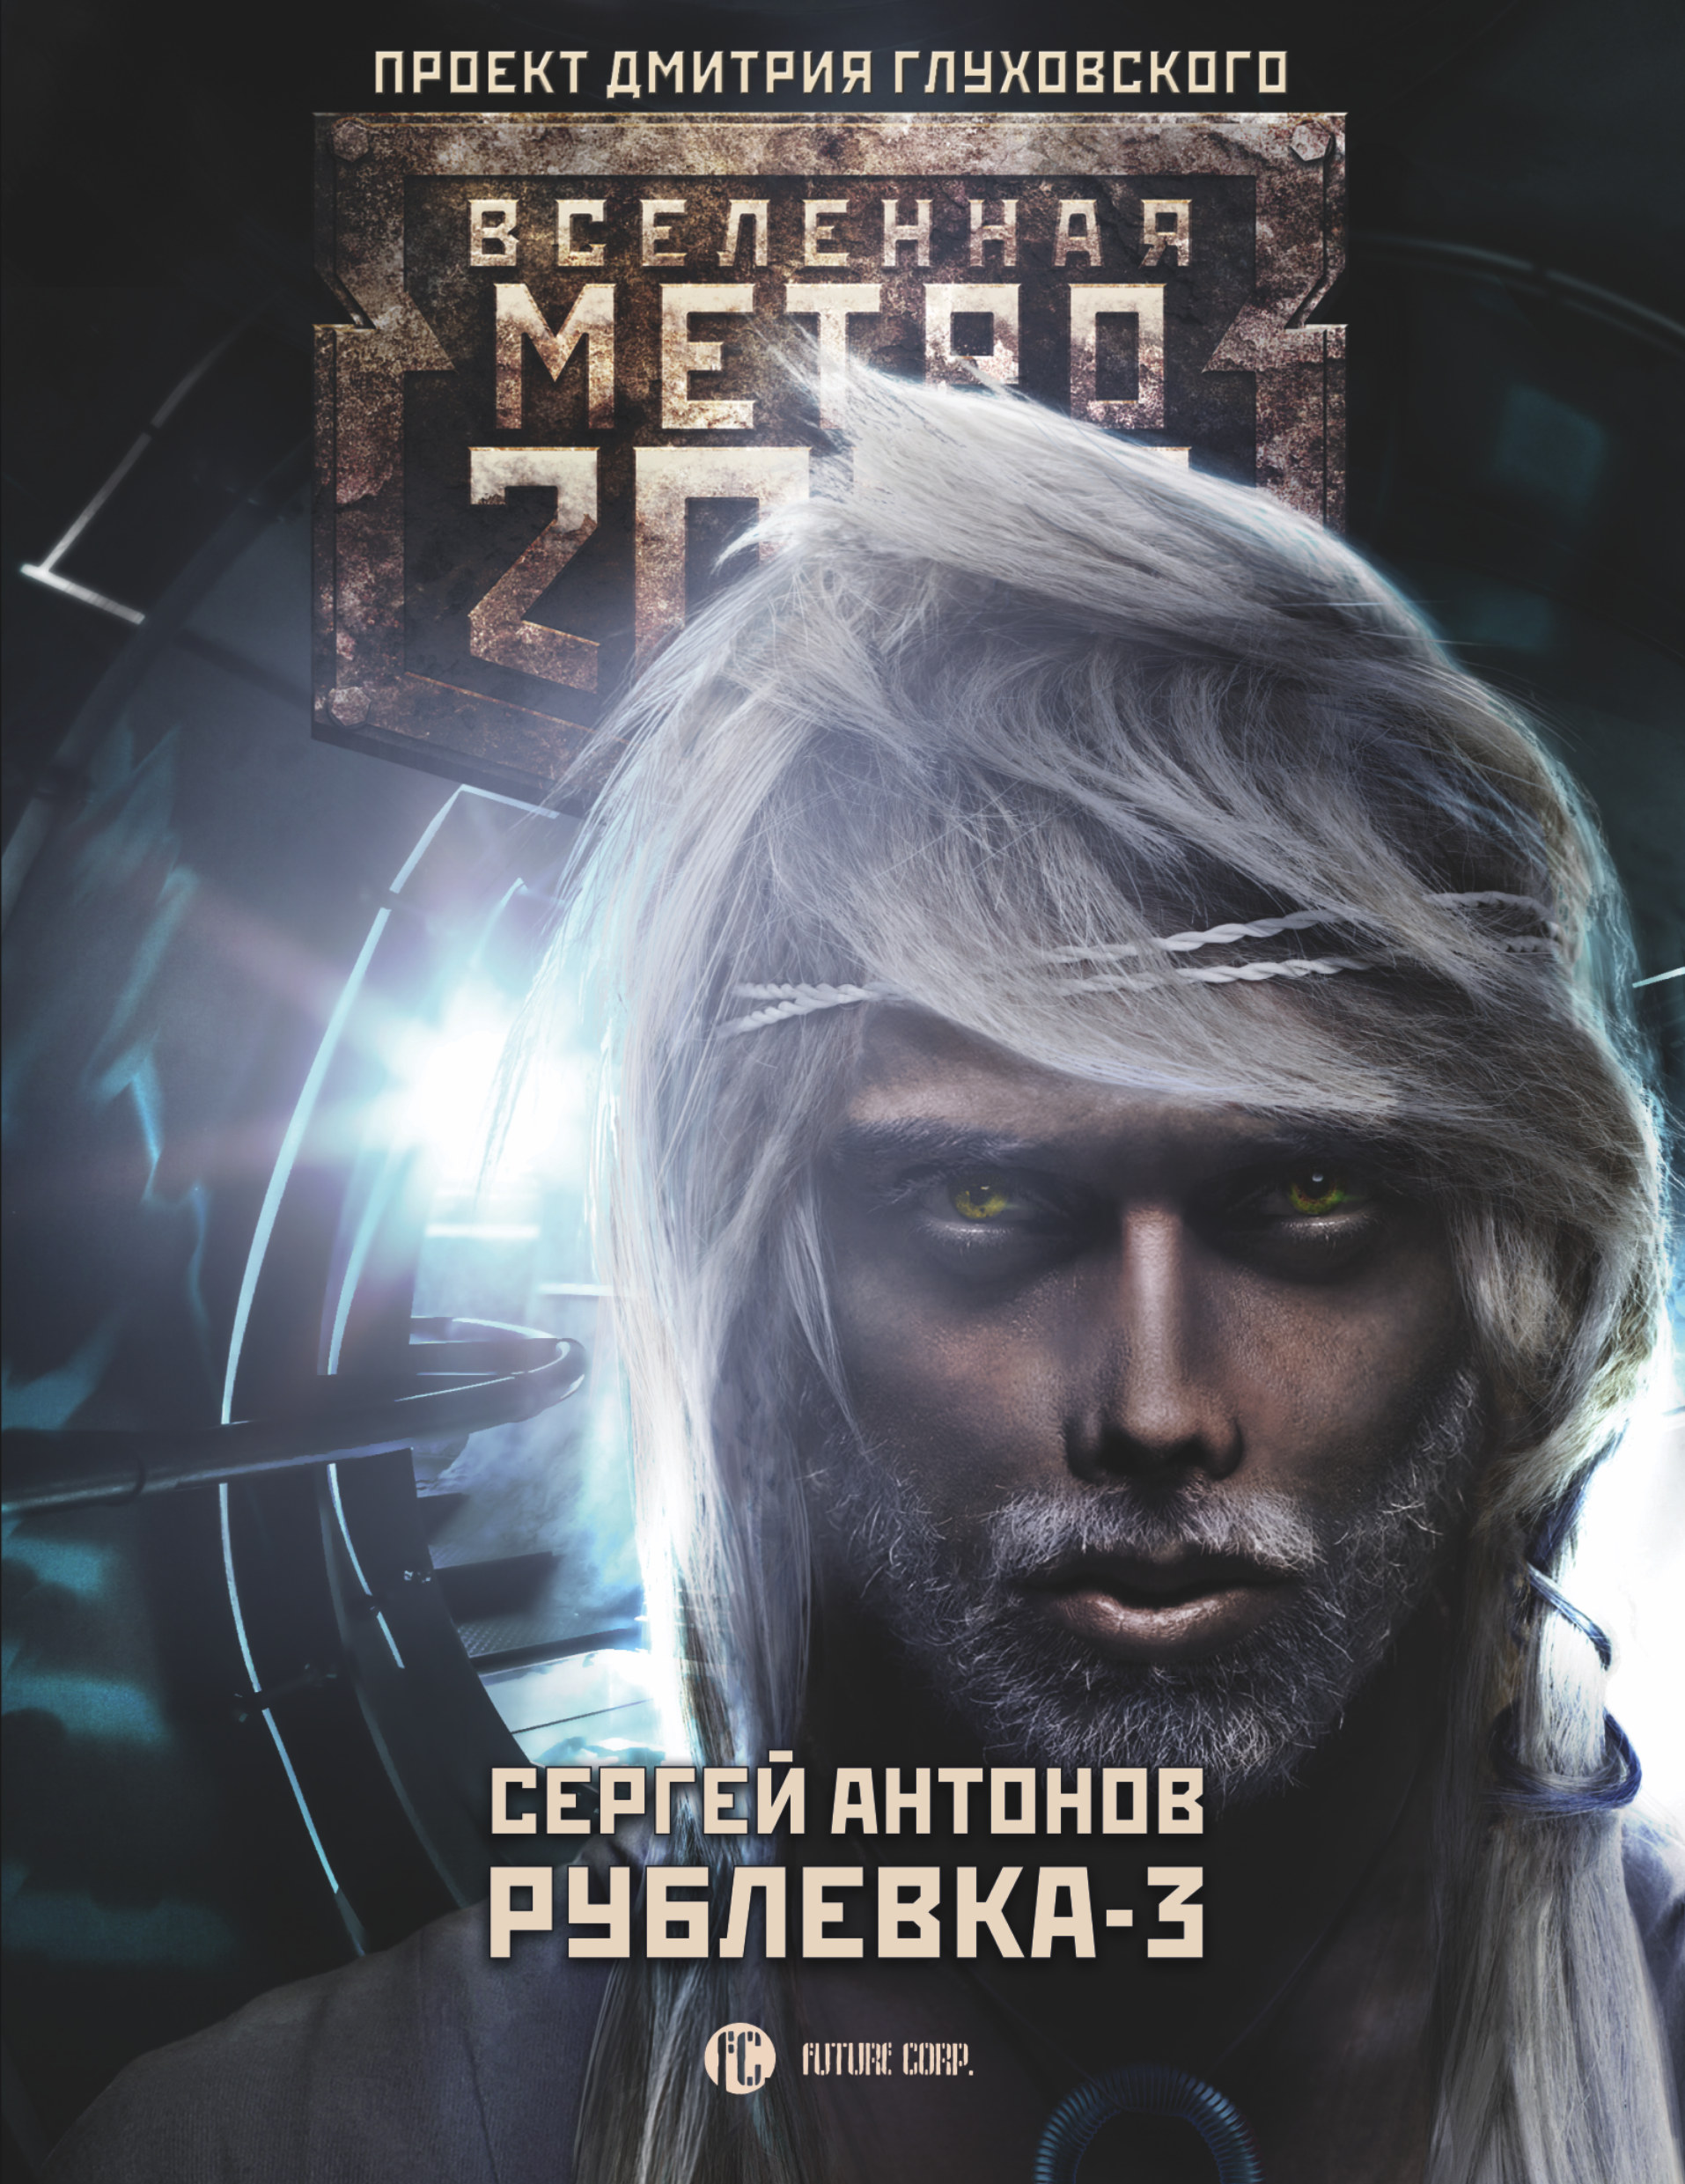 Антонов С.В. Метро 2033: Рублевка-3. Книга мертвых метро 2033 крым 3 пепел империй